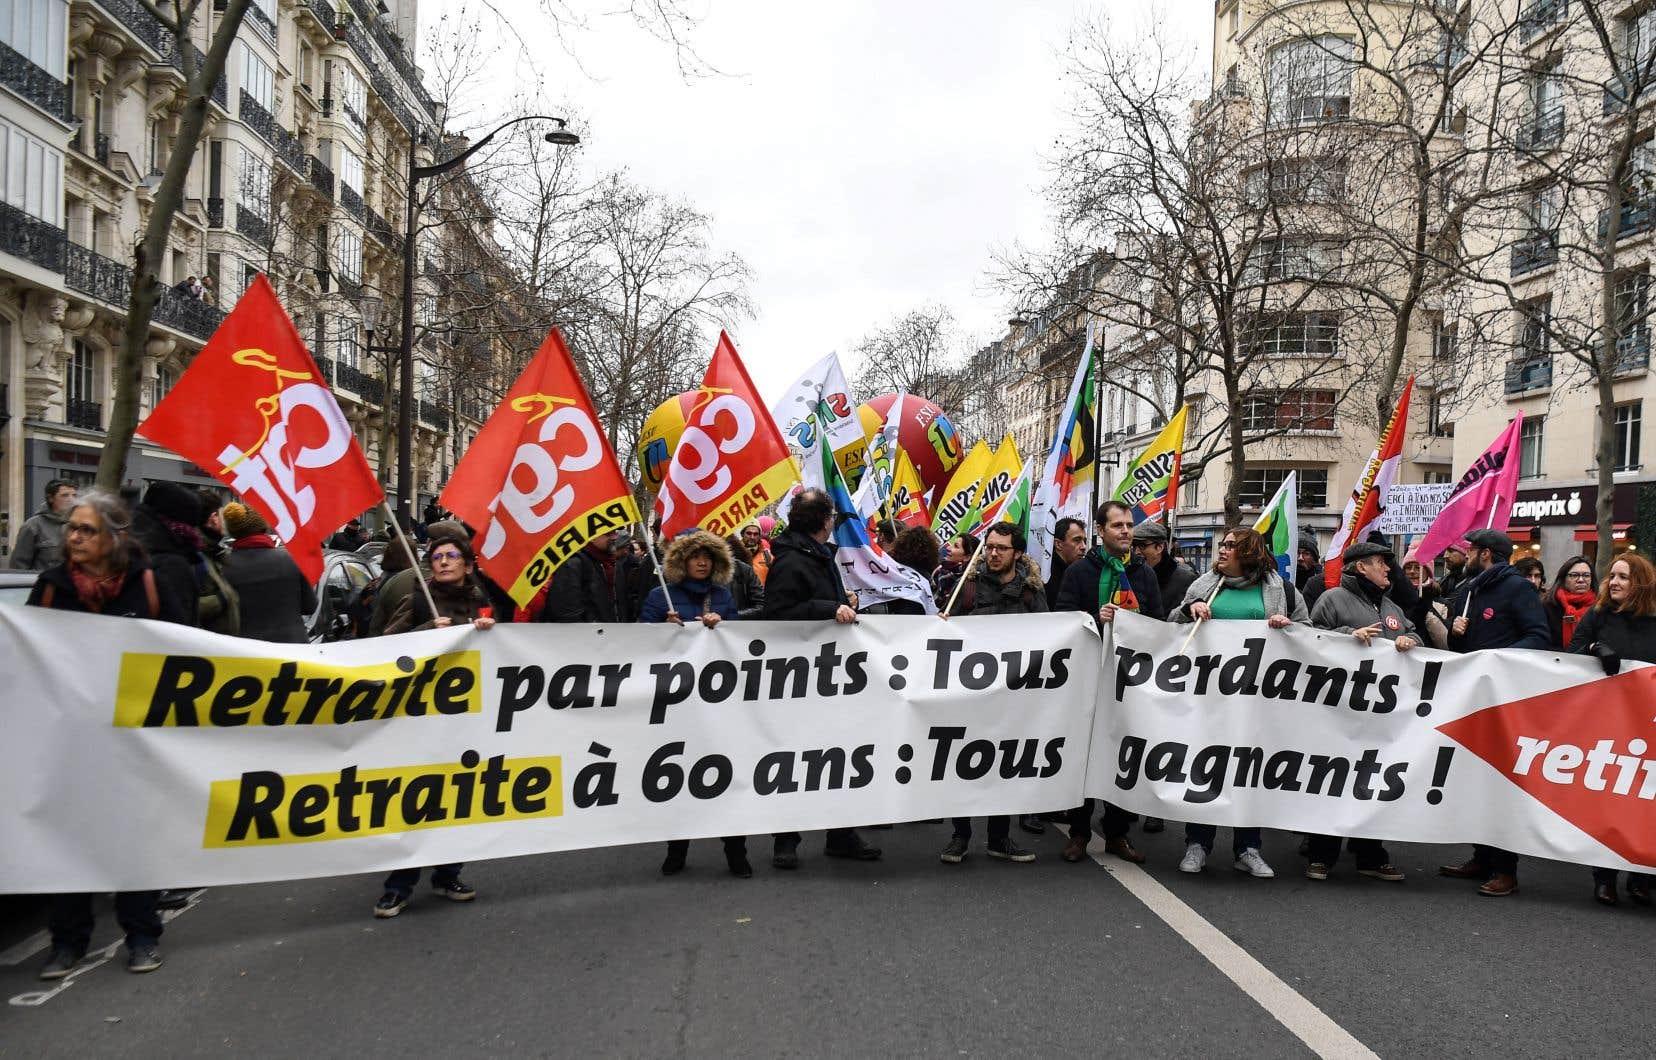 Mardi, une manifestation a attiré quelques milliers de personnes seulement.